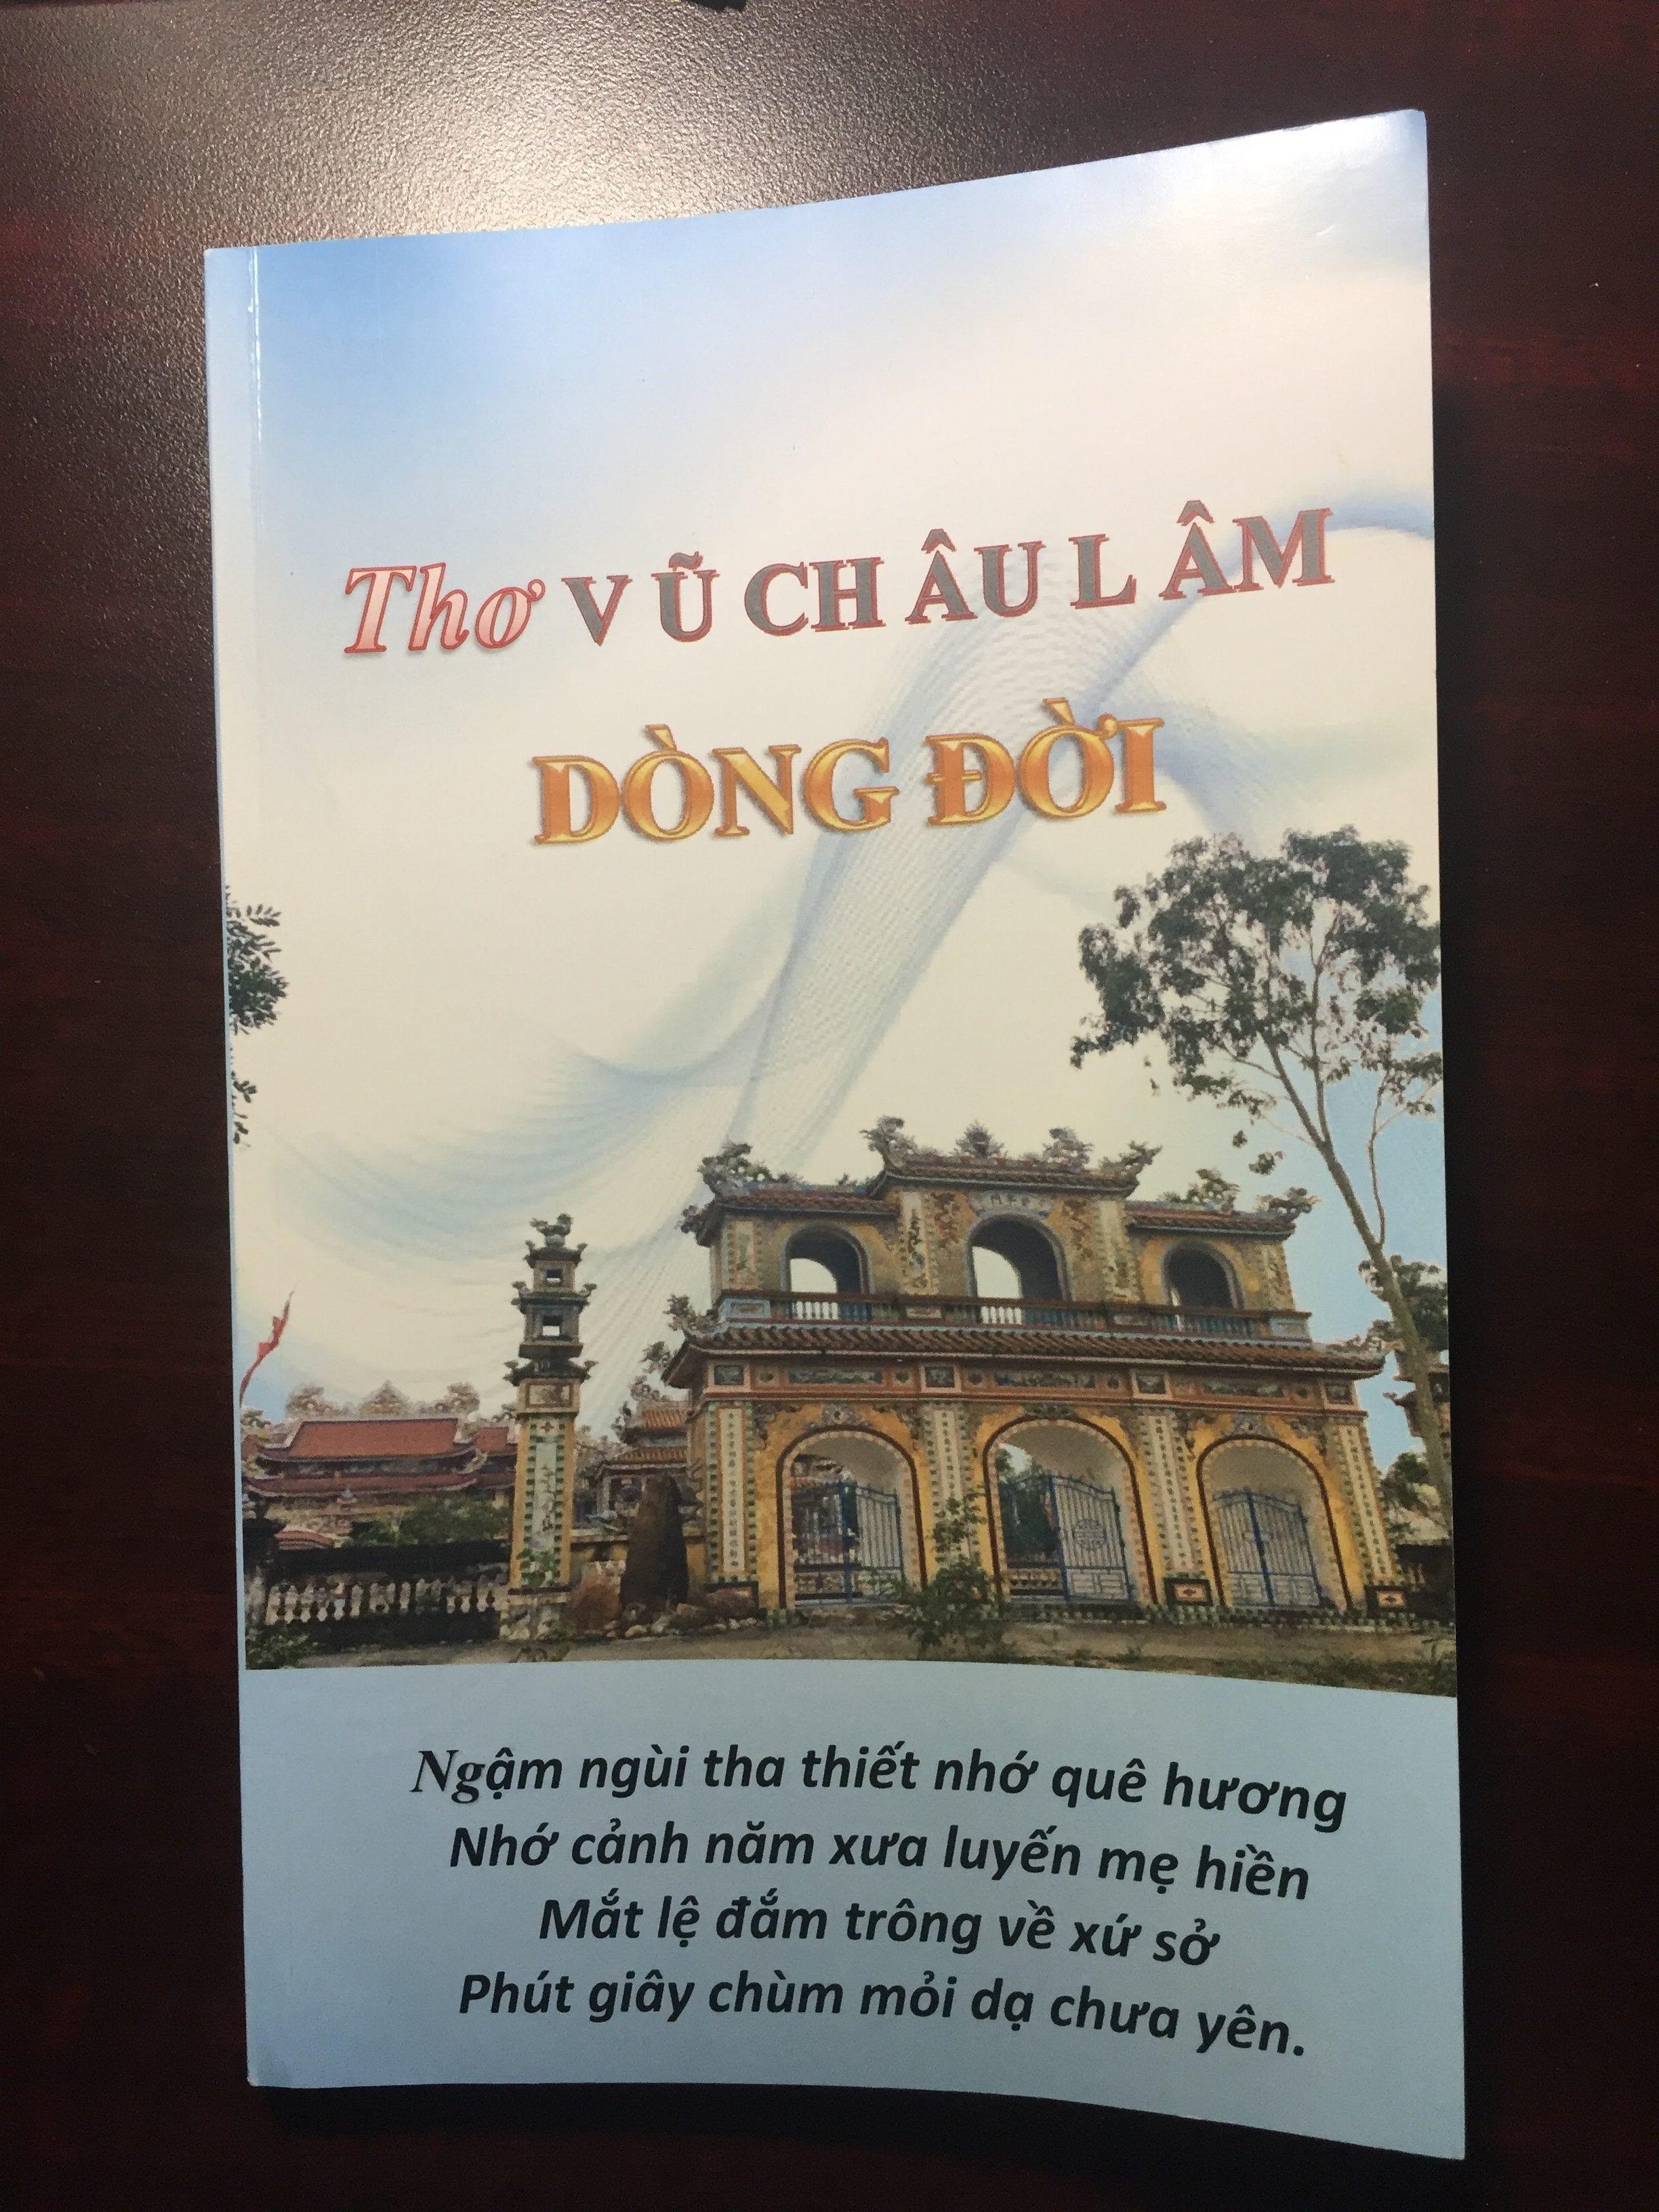 Cô Gái Xóm Triều – thơ Vũ Châu Lâm